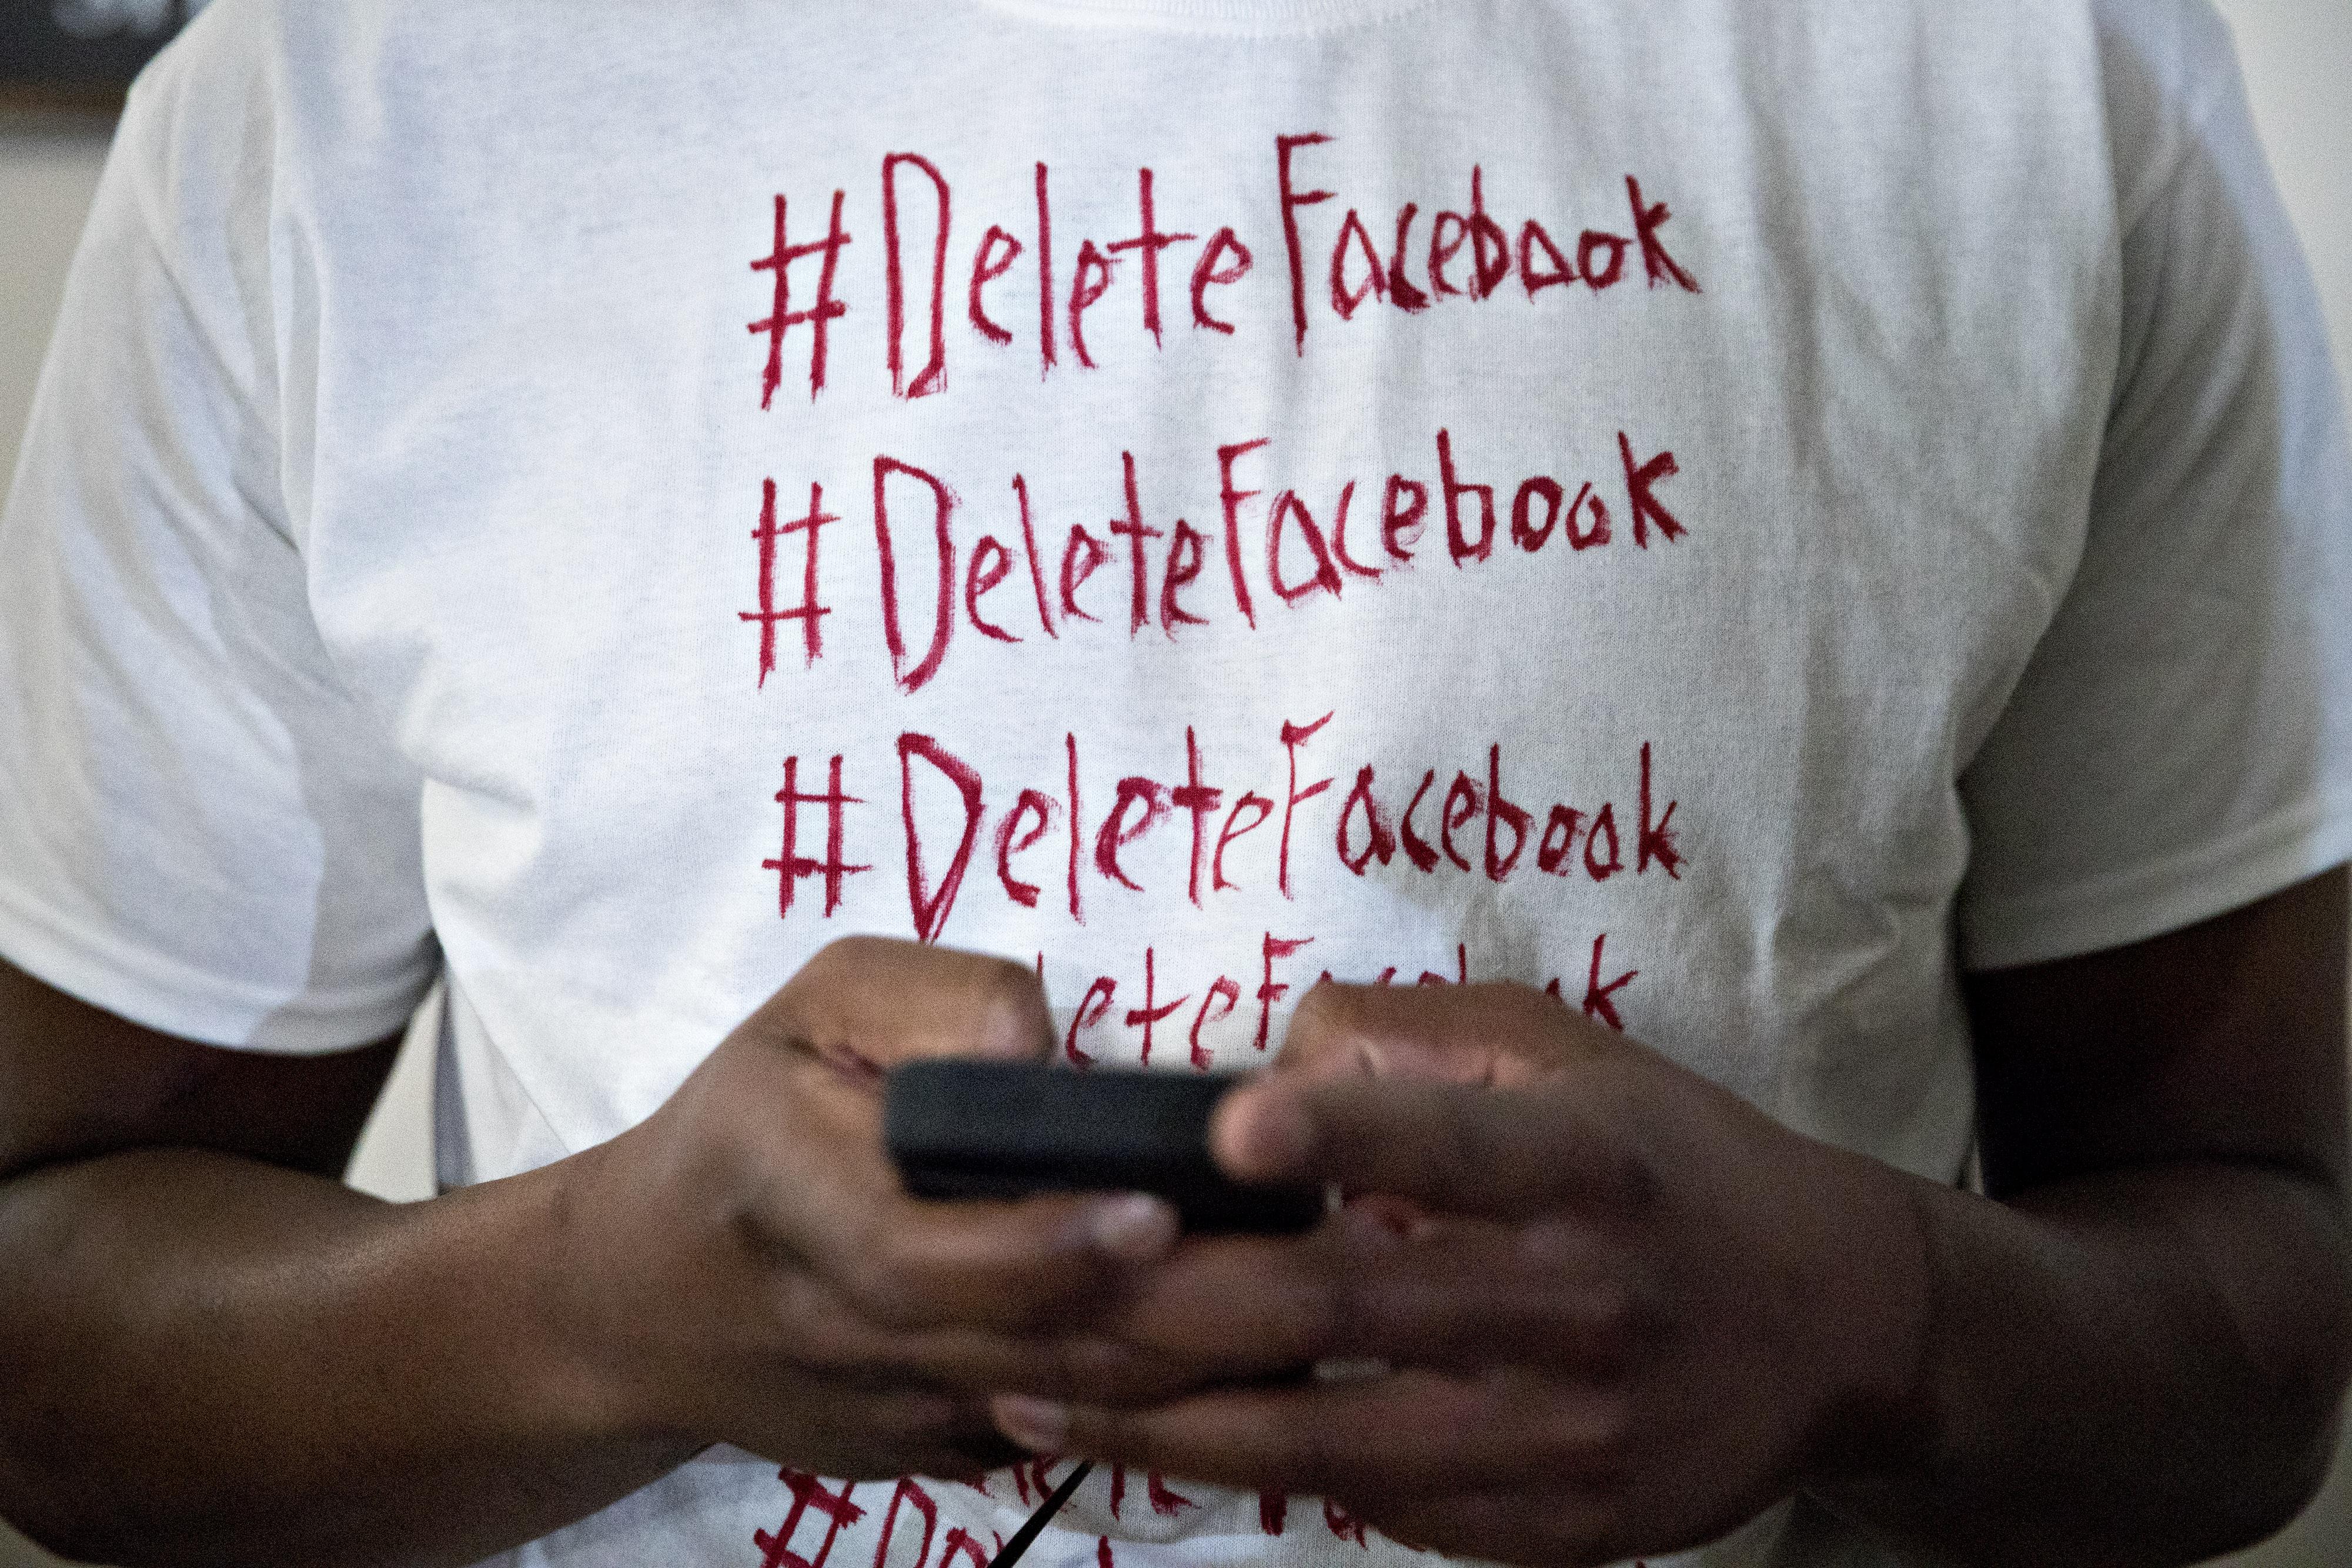 페이스북을 삭제하는 사용자들이 늘고 있다.